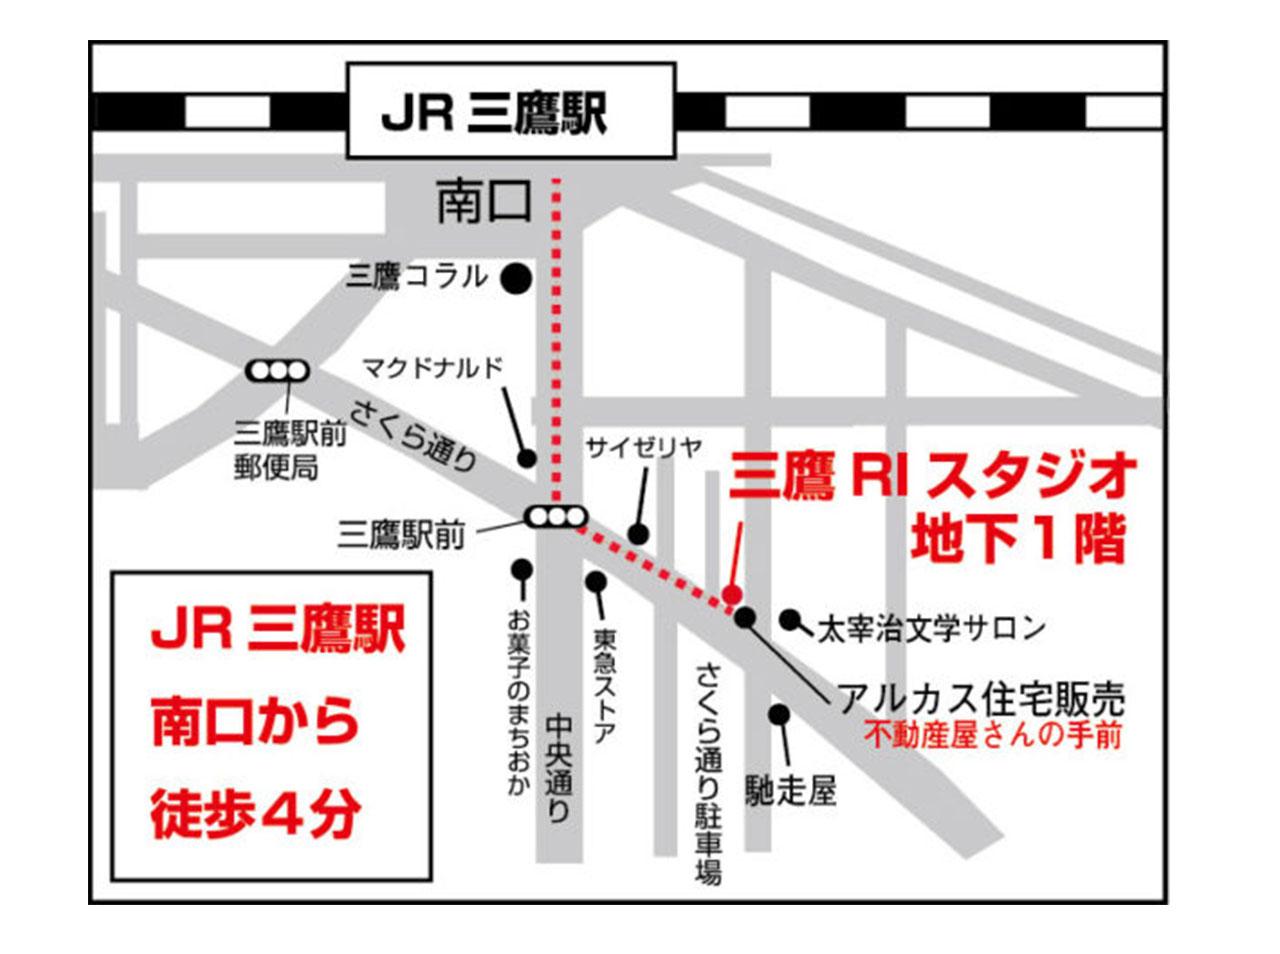 三鷹RIスタジオ(イベント/パーティー/セミナー/稽古)